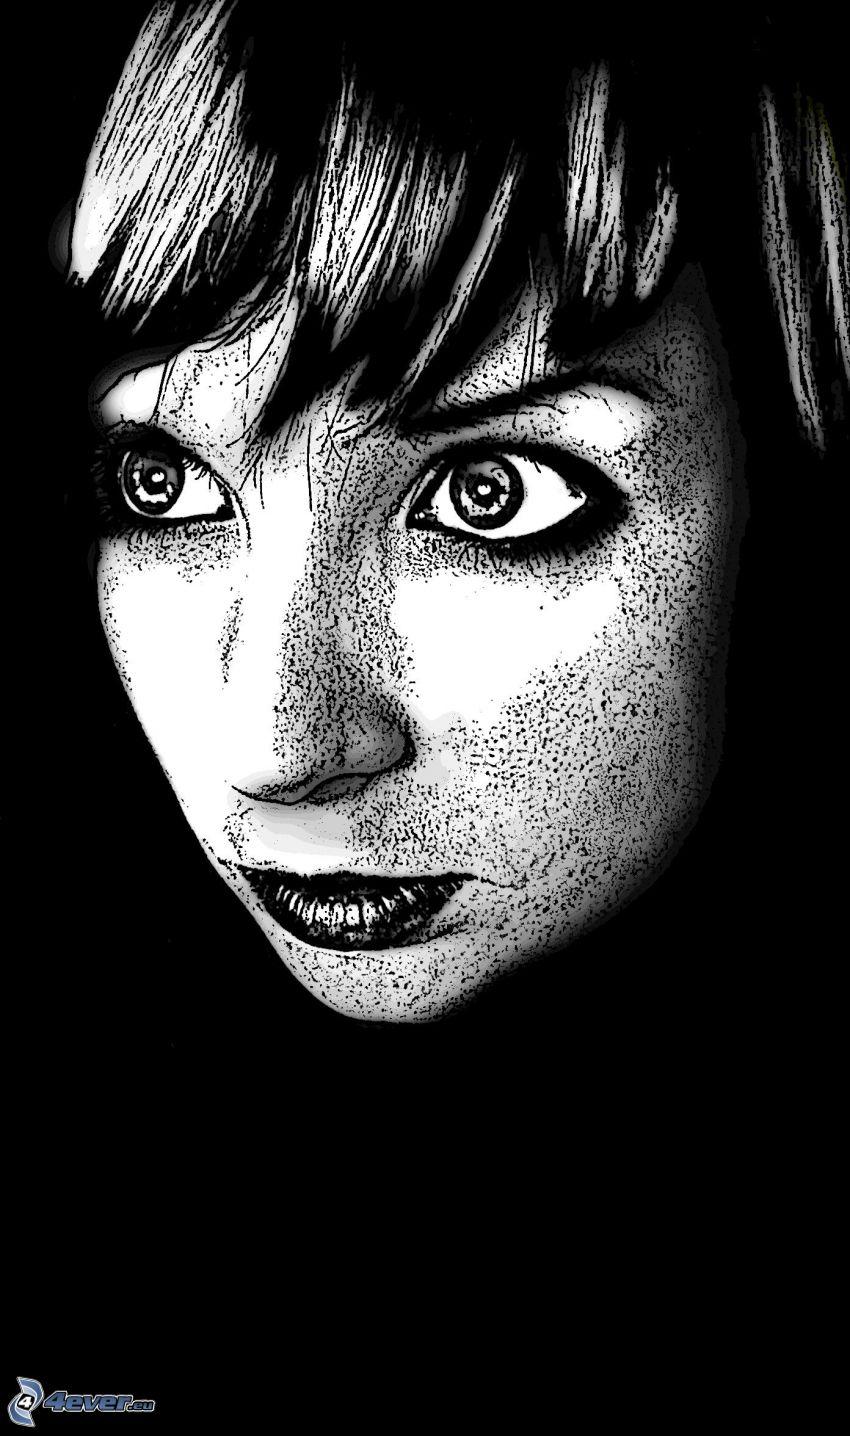 el rostro de mujer, chica, porcelana